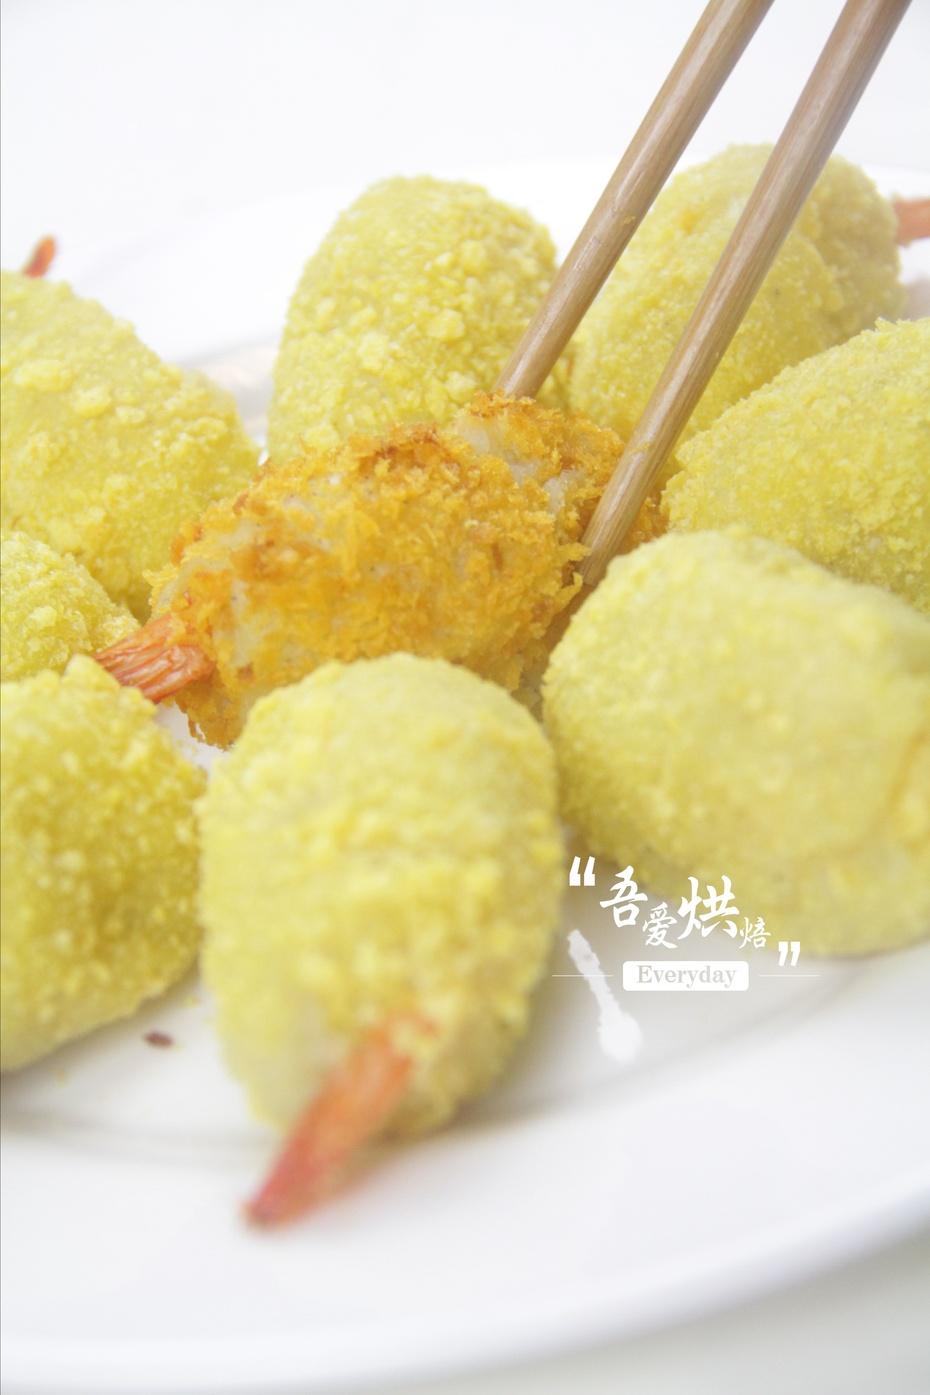 海鲜风味:土豆虾球 - 慢美食博客 - 慢美食博客 美食厨房